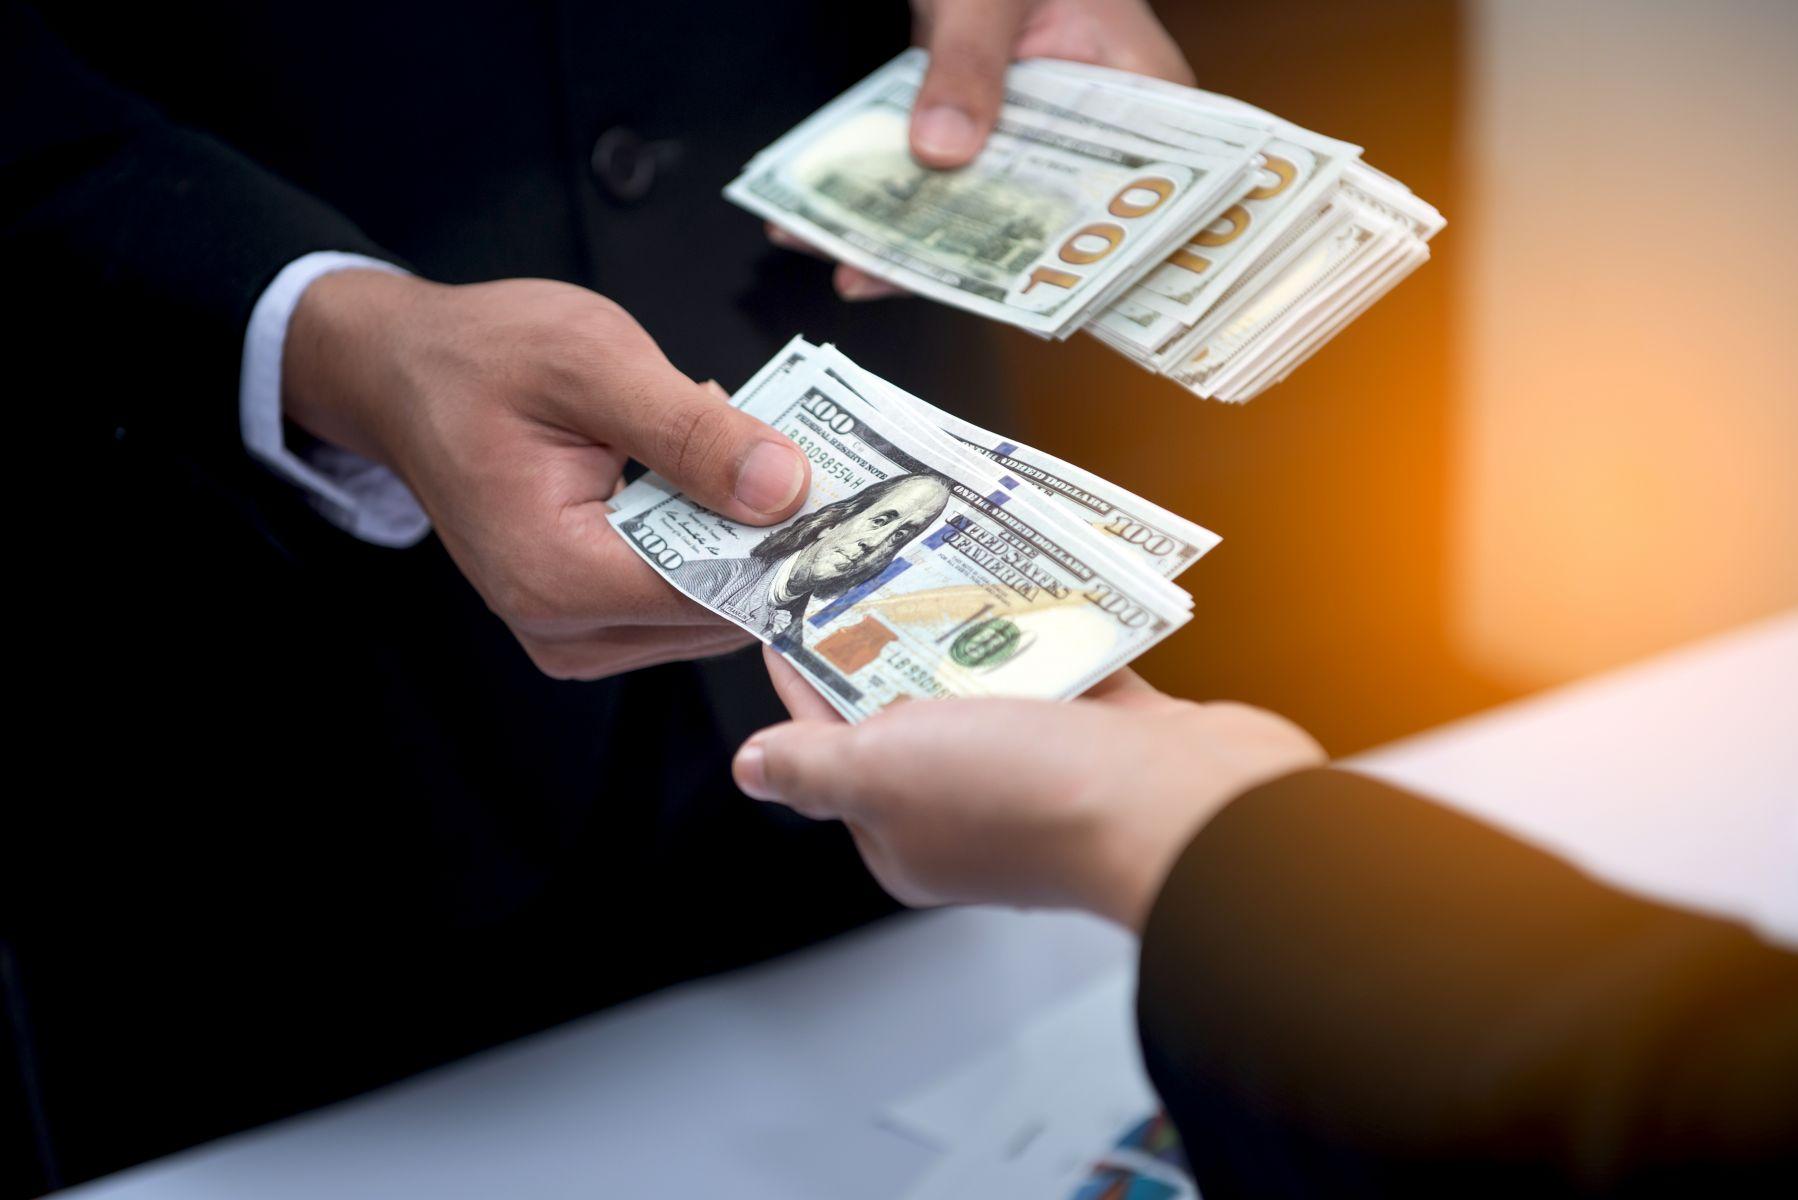 公司與同仁簽兩份合約,正常工時是月薪制,下班後是按件計酬制,這是否合法?